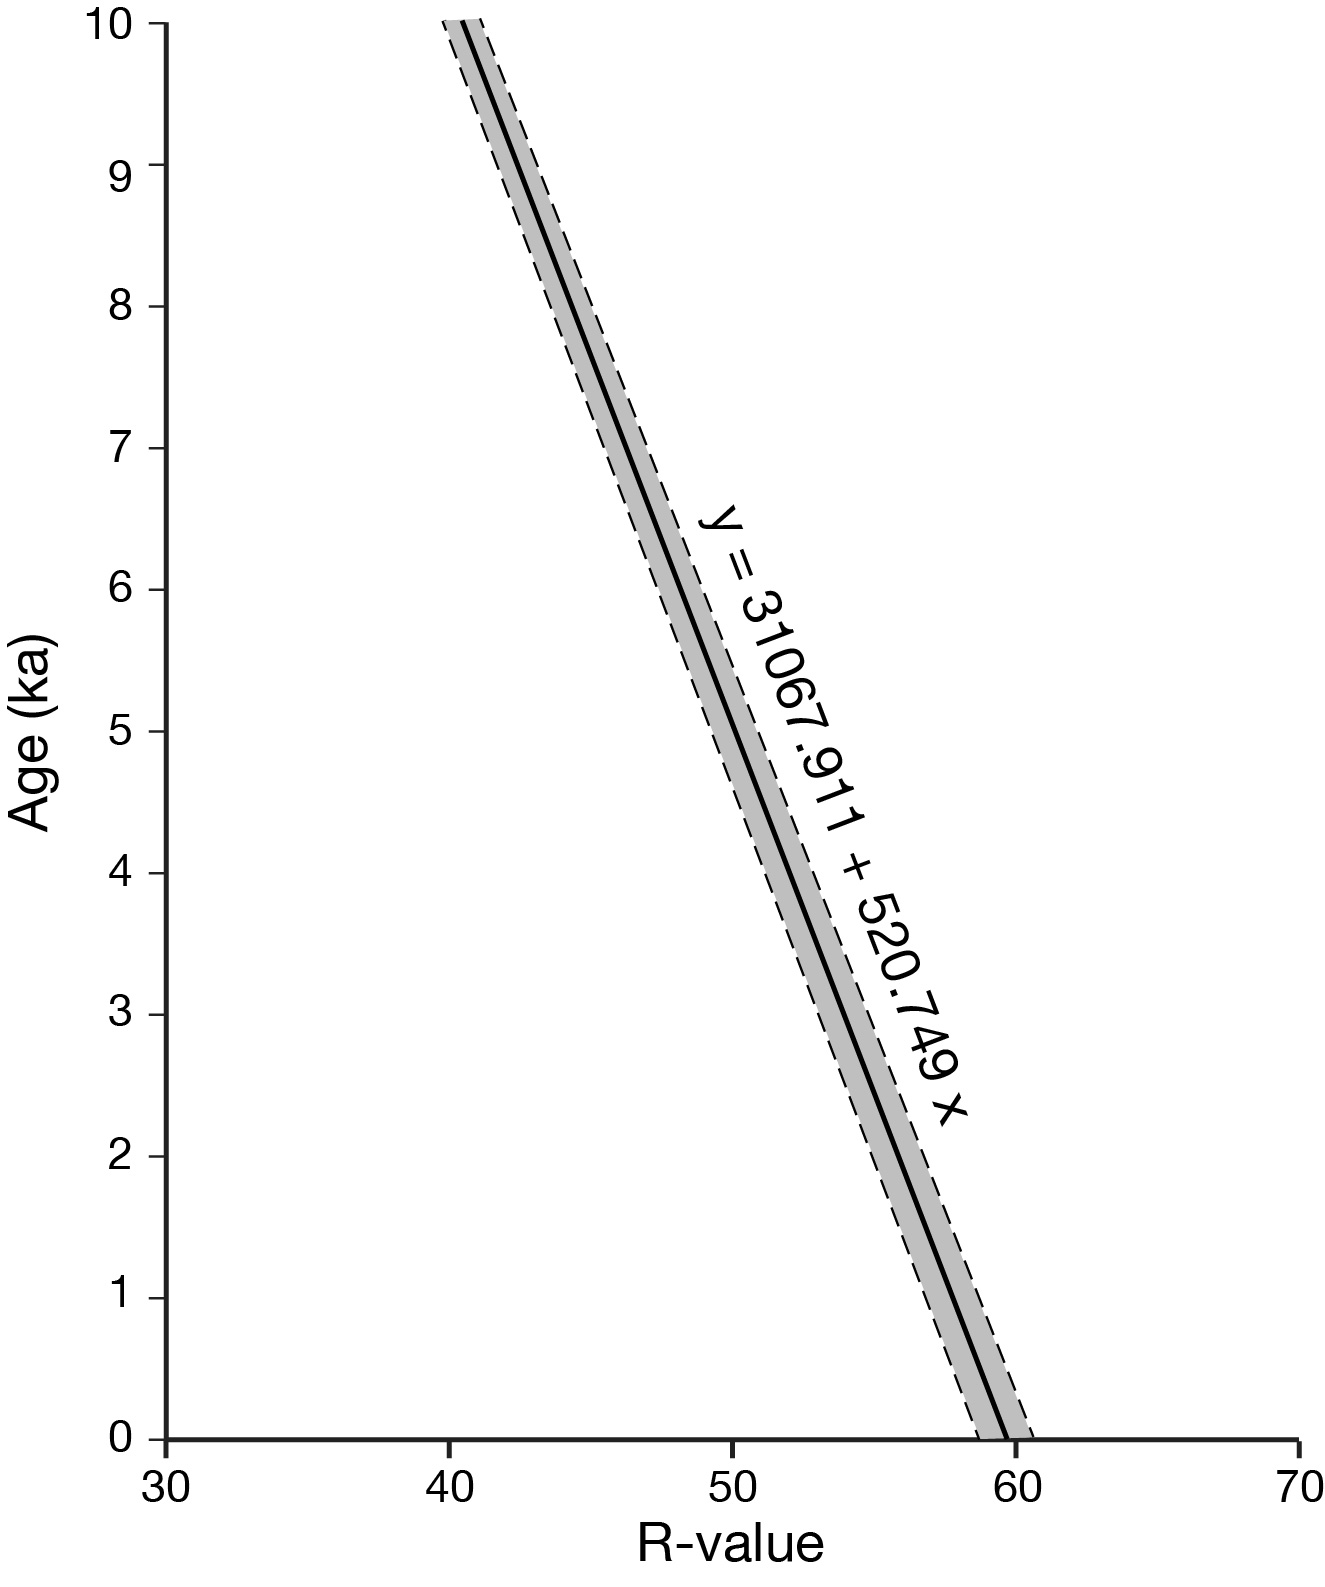 Cryoplanation fig 10.jpg